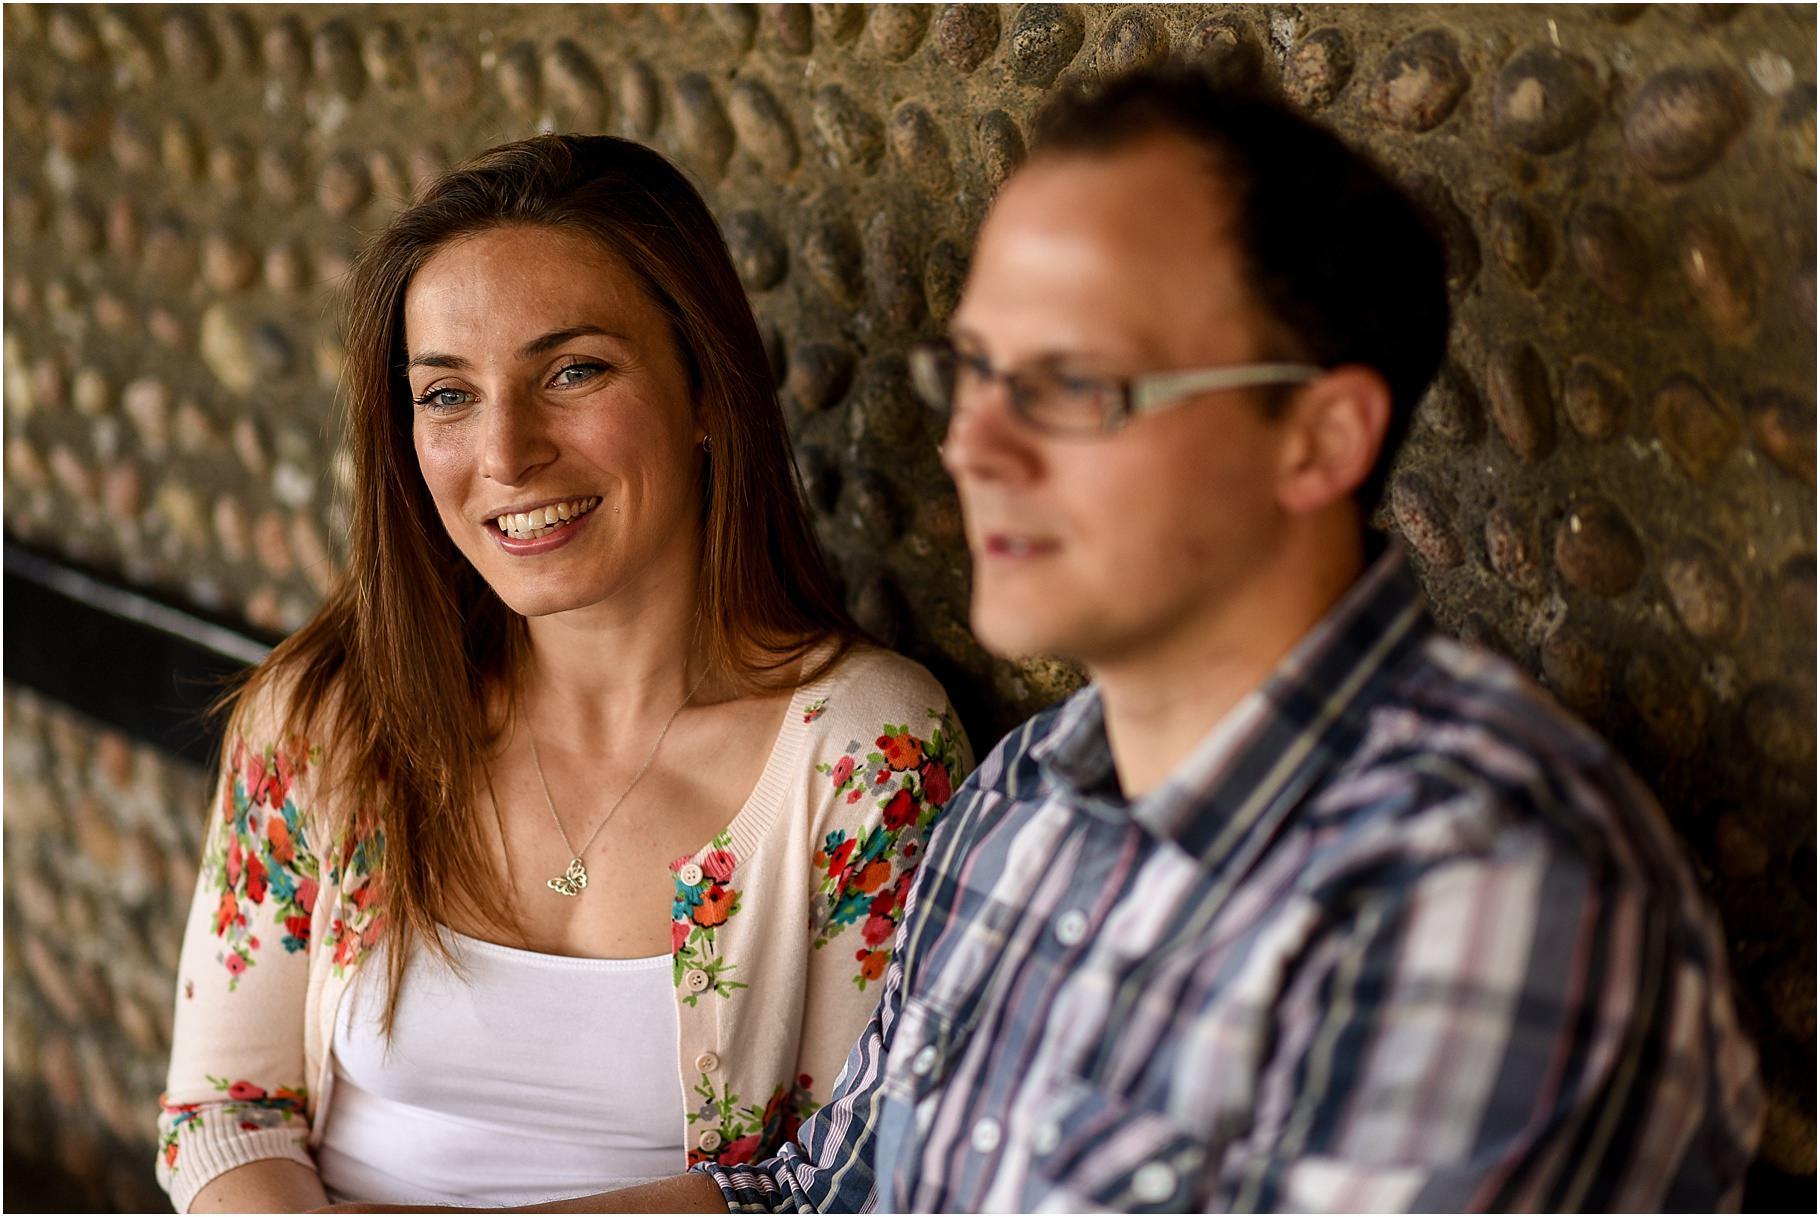 lytham-pre-wedding-shoot-05.jpg